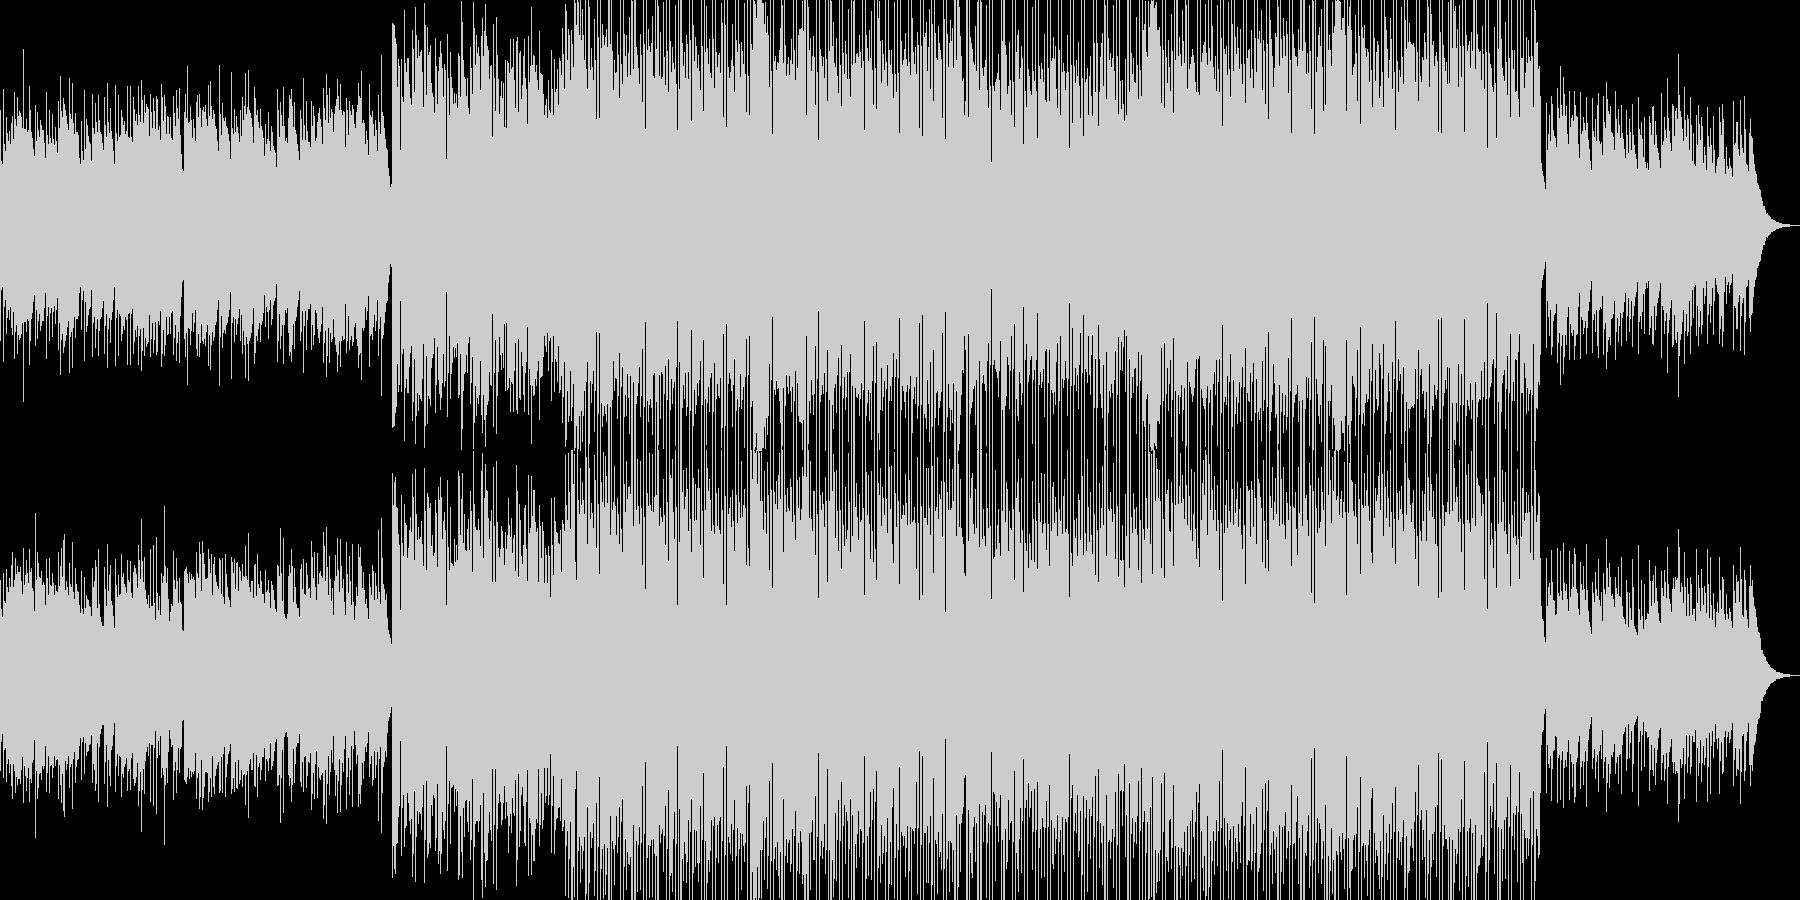 ベル系が多いキラキラした落ち着いた曲の未再生の波形